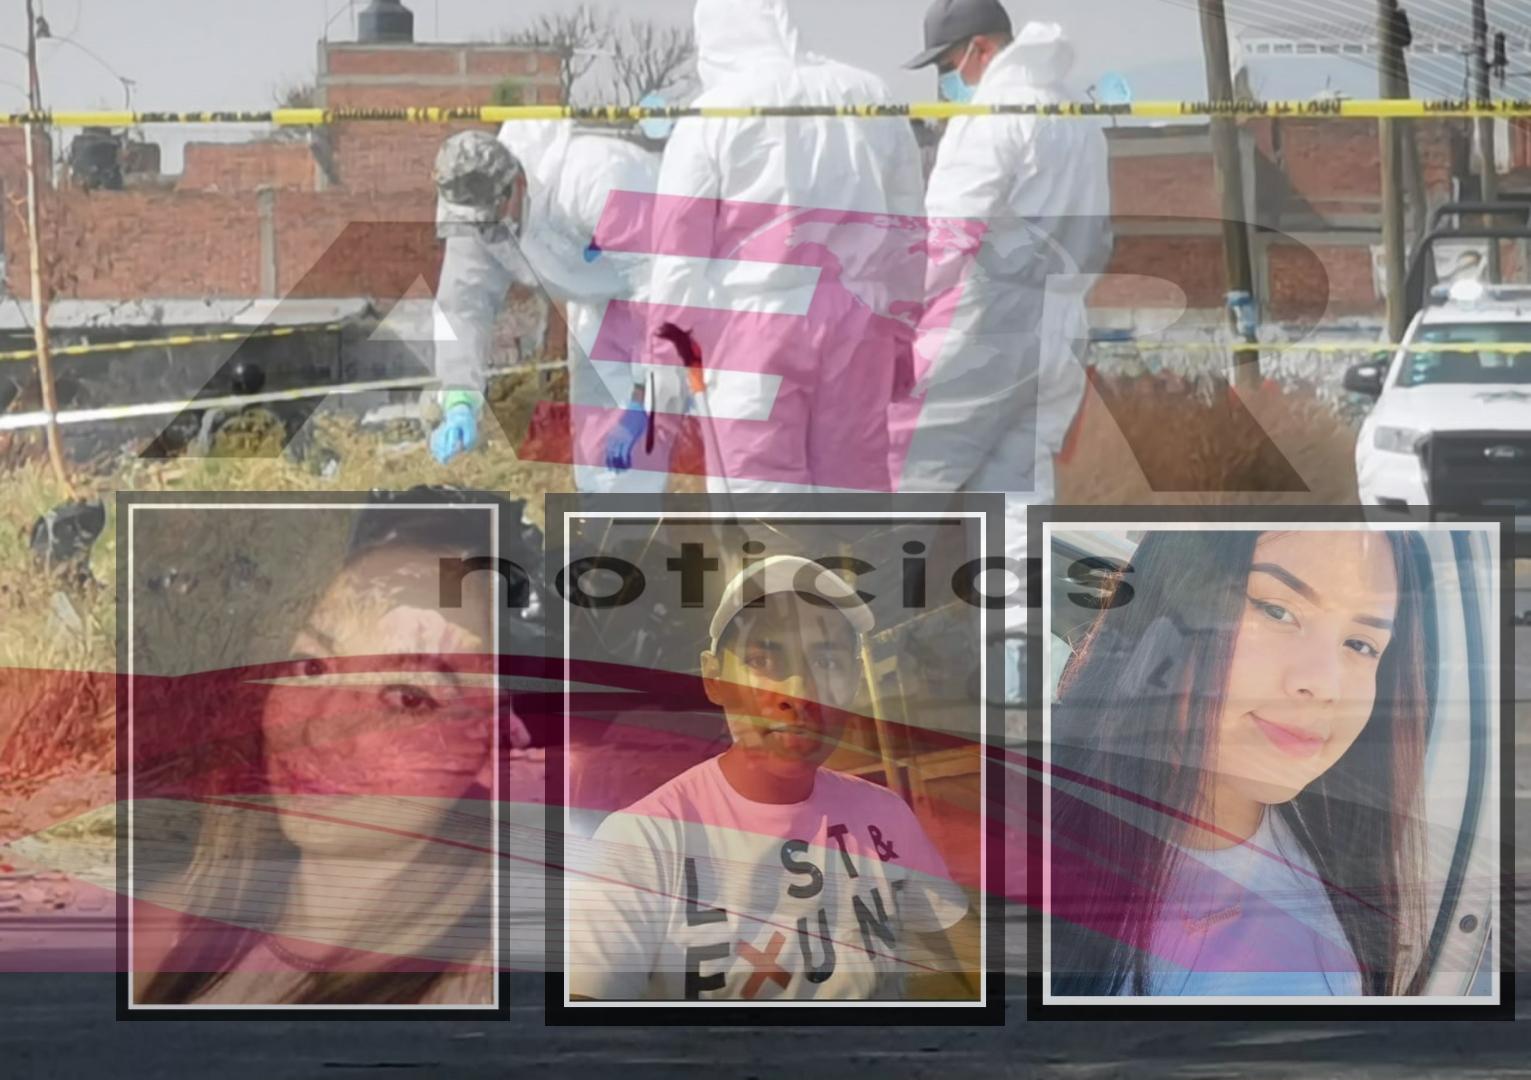 Tras varios días, confirma la FGE identificación de tres jóvenes del Barrio de Santa Anita. 1